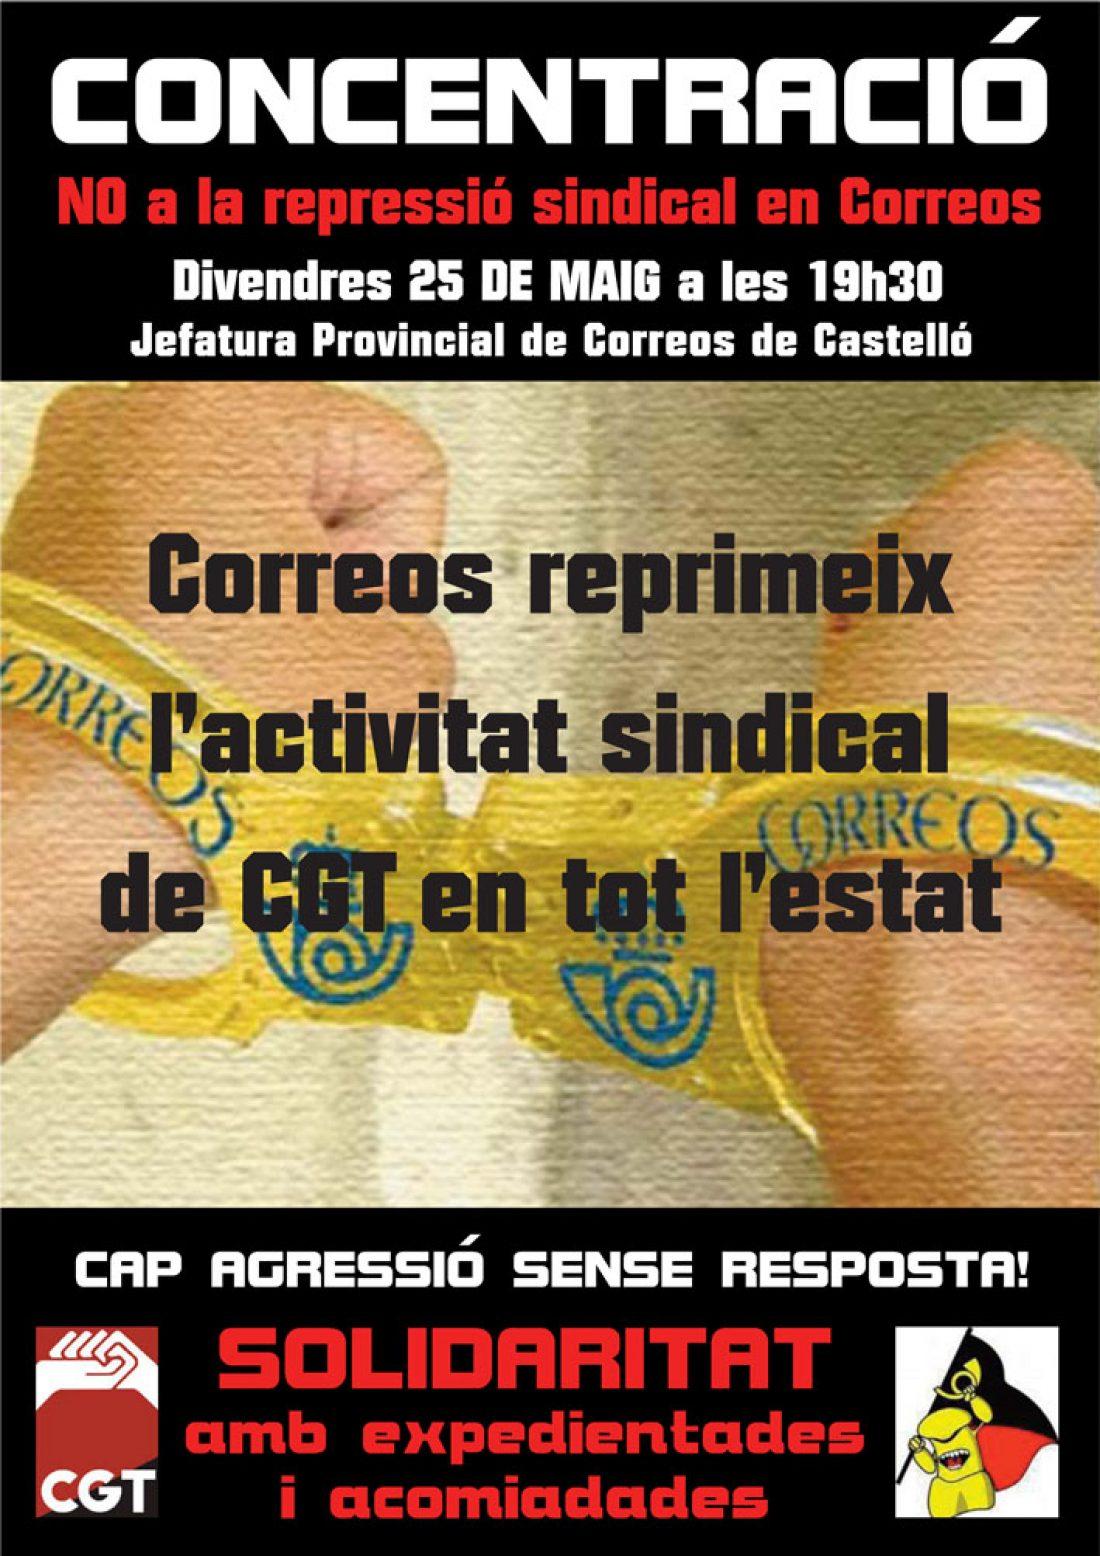 25M Castellón: CGT protestará contra la represión en Correos